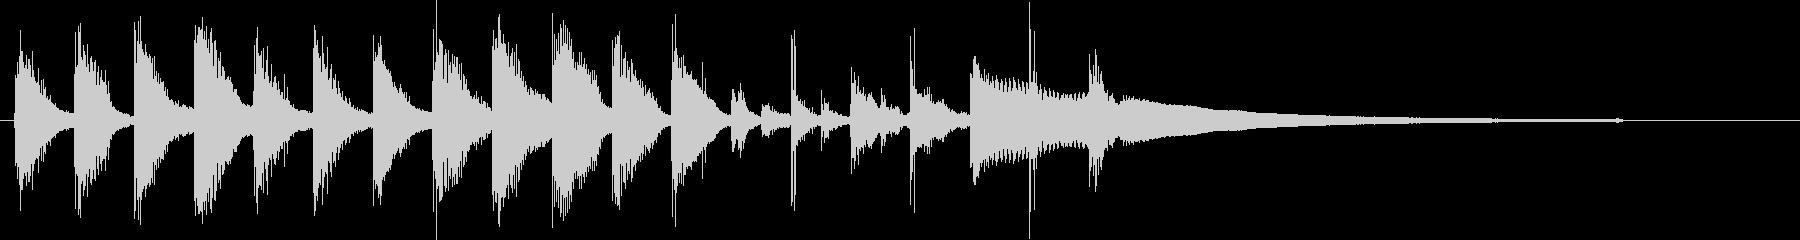 クリーン&シンプル&モダンなサウンドロゴの未再生の波形